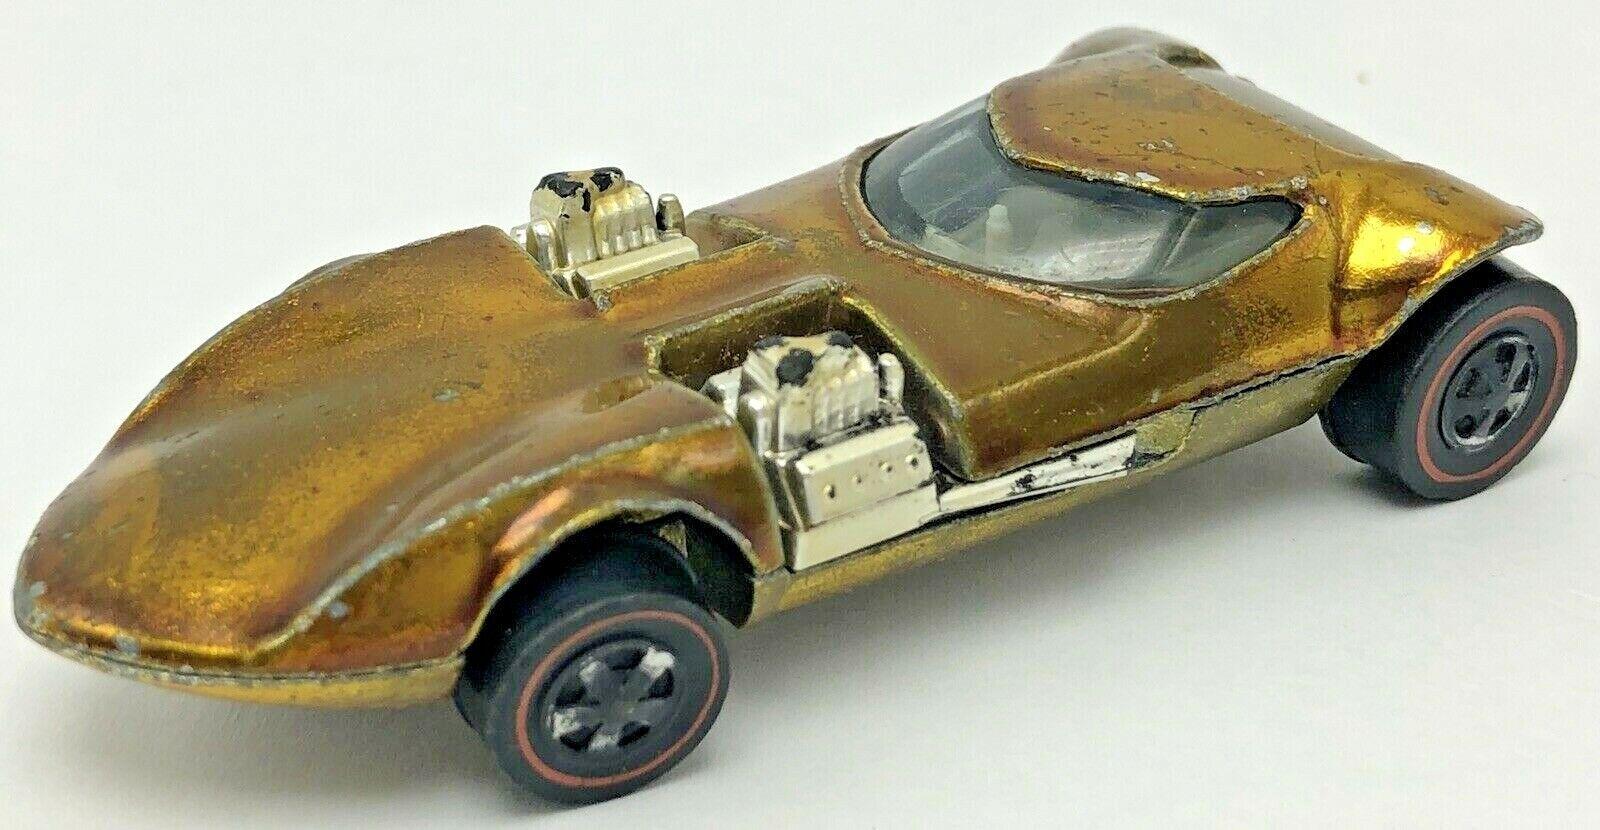 VIntage 1968 Mattel Hot Wheels Redline Twinmill Gold White Interior US